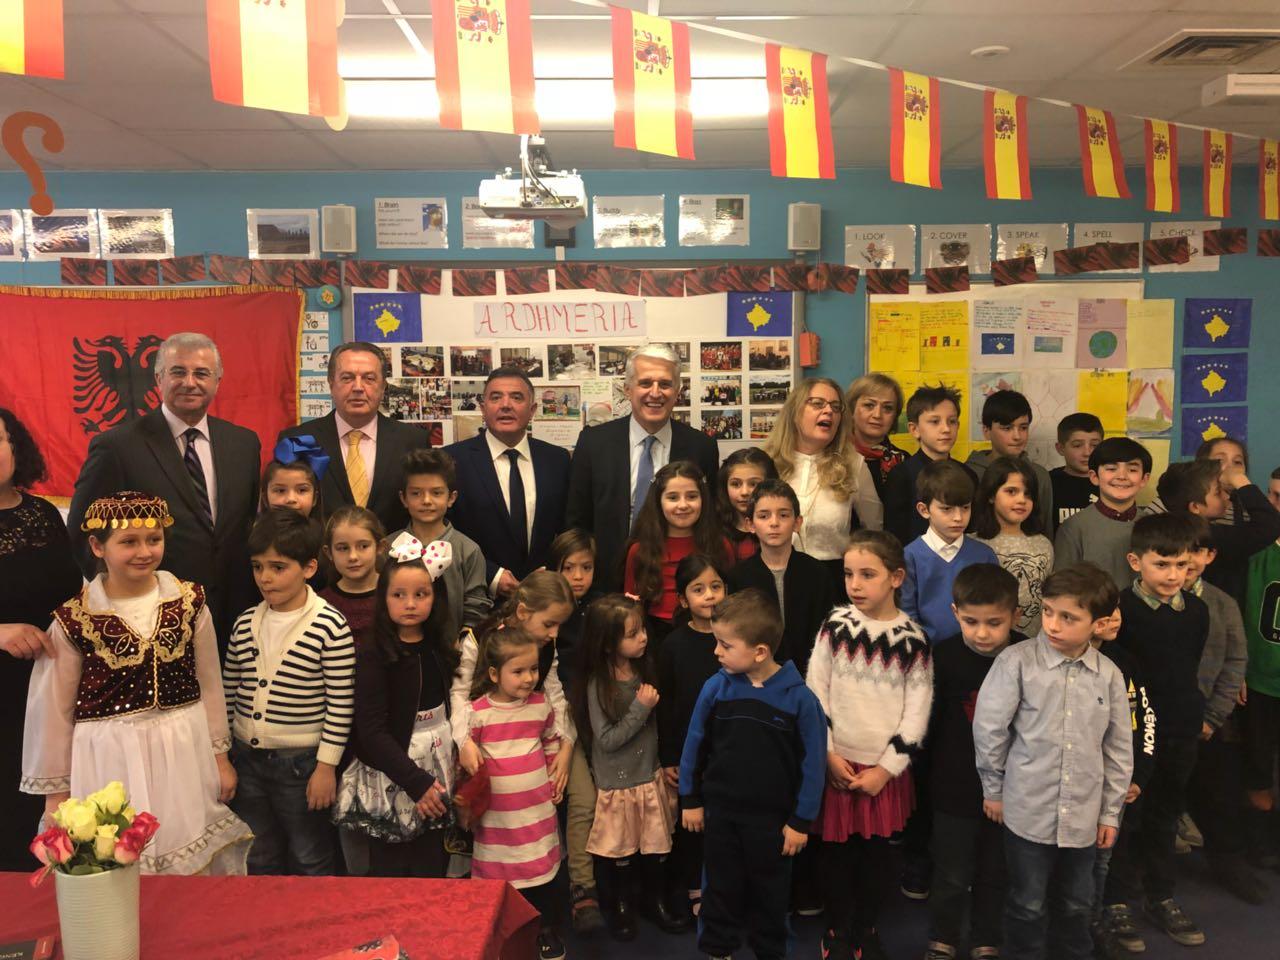 Majko pranë shqiptarëve të Londrës  Marrëdhënie të qëndrueshme me diasporën